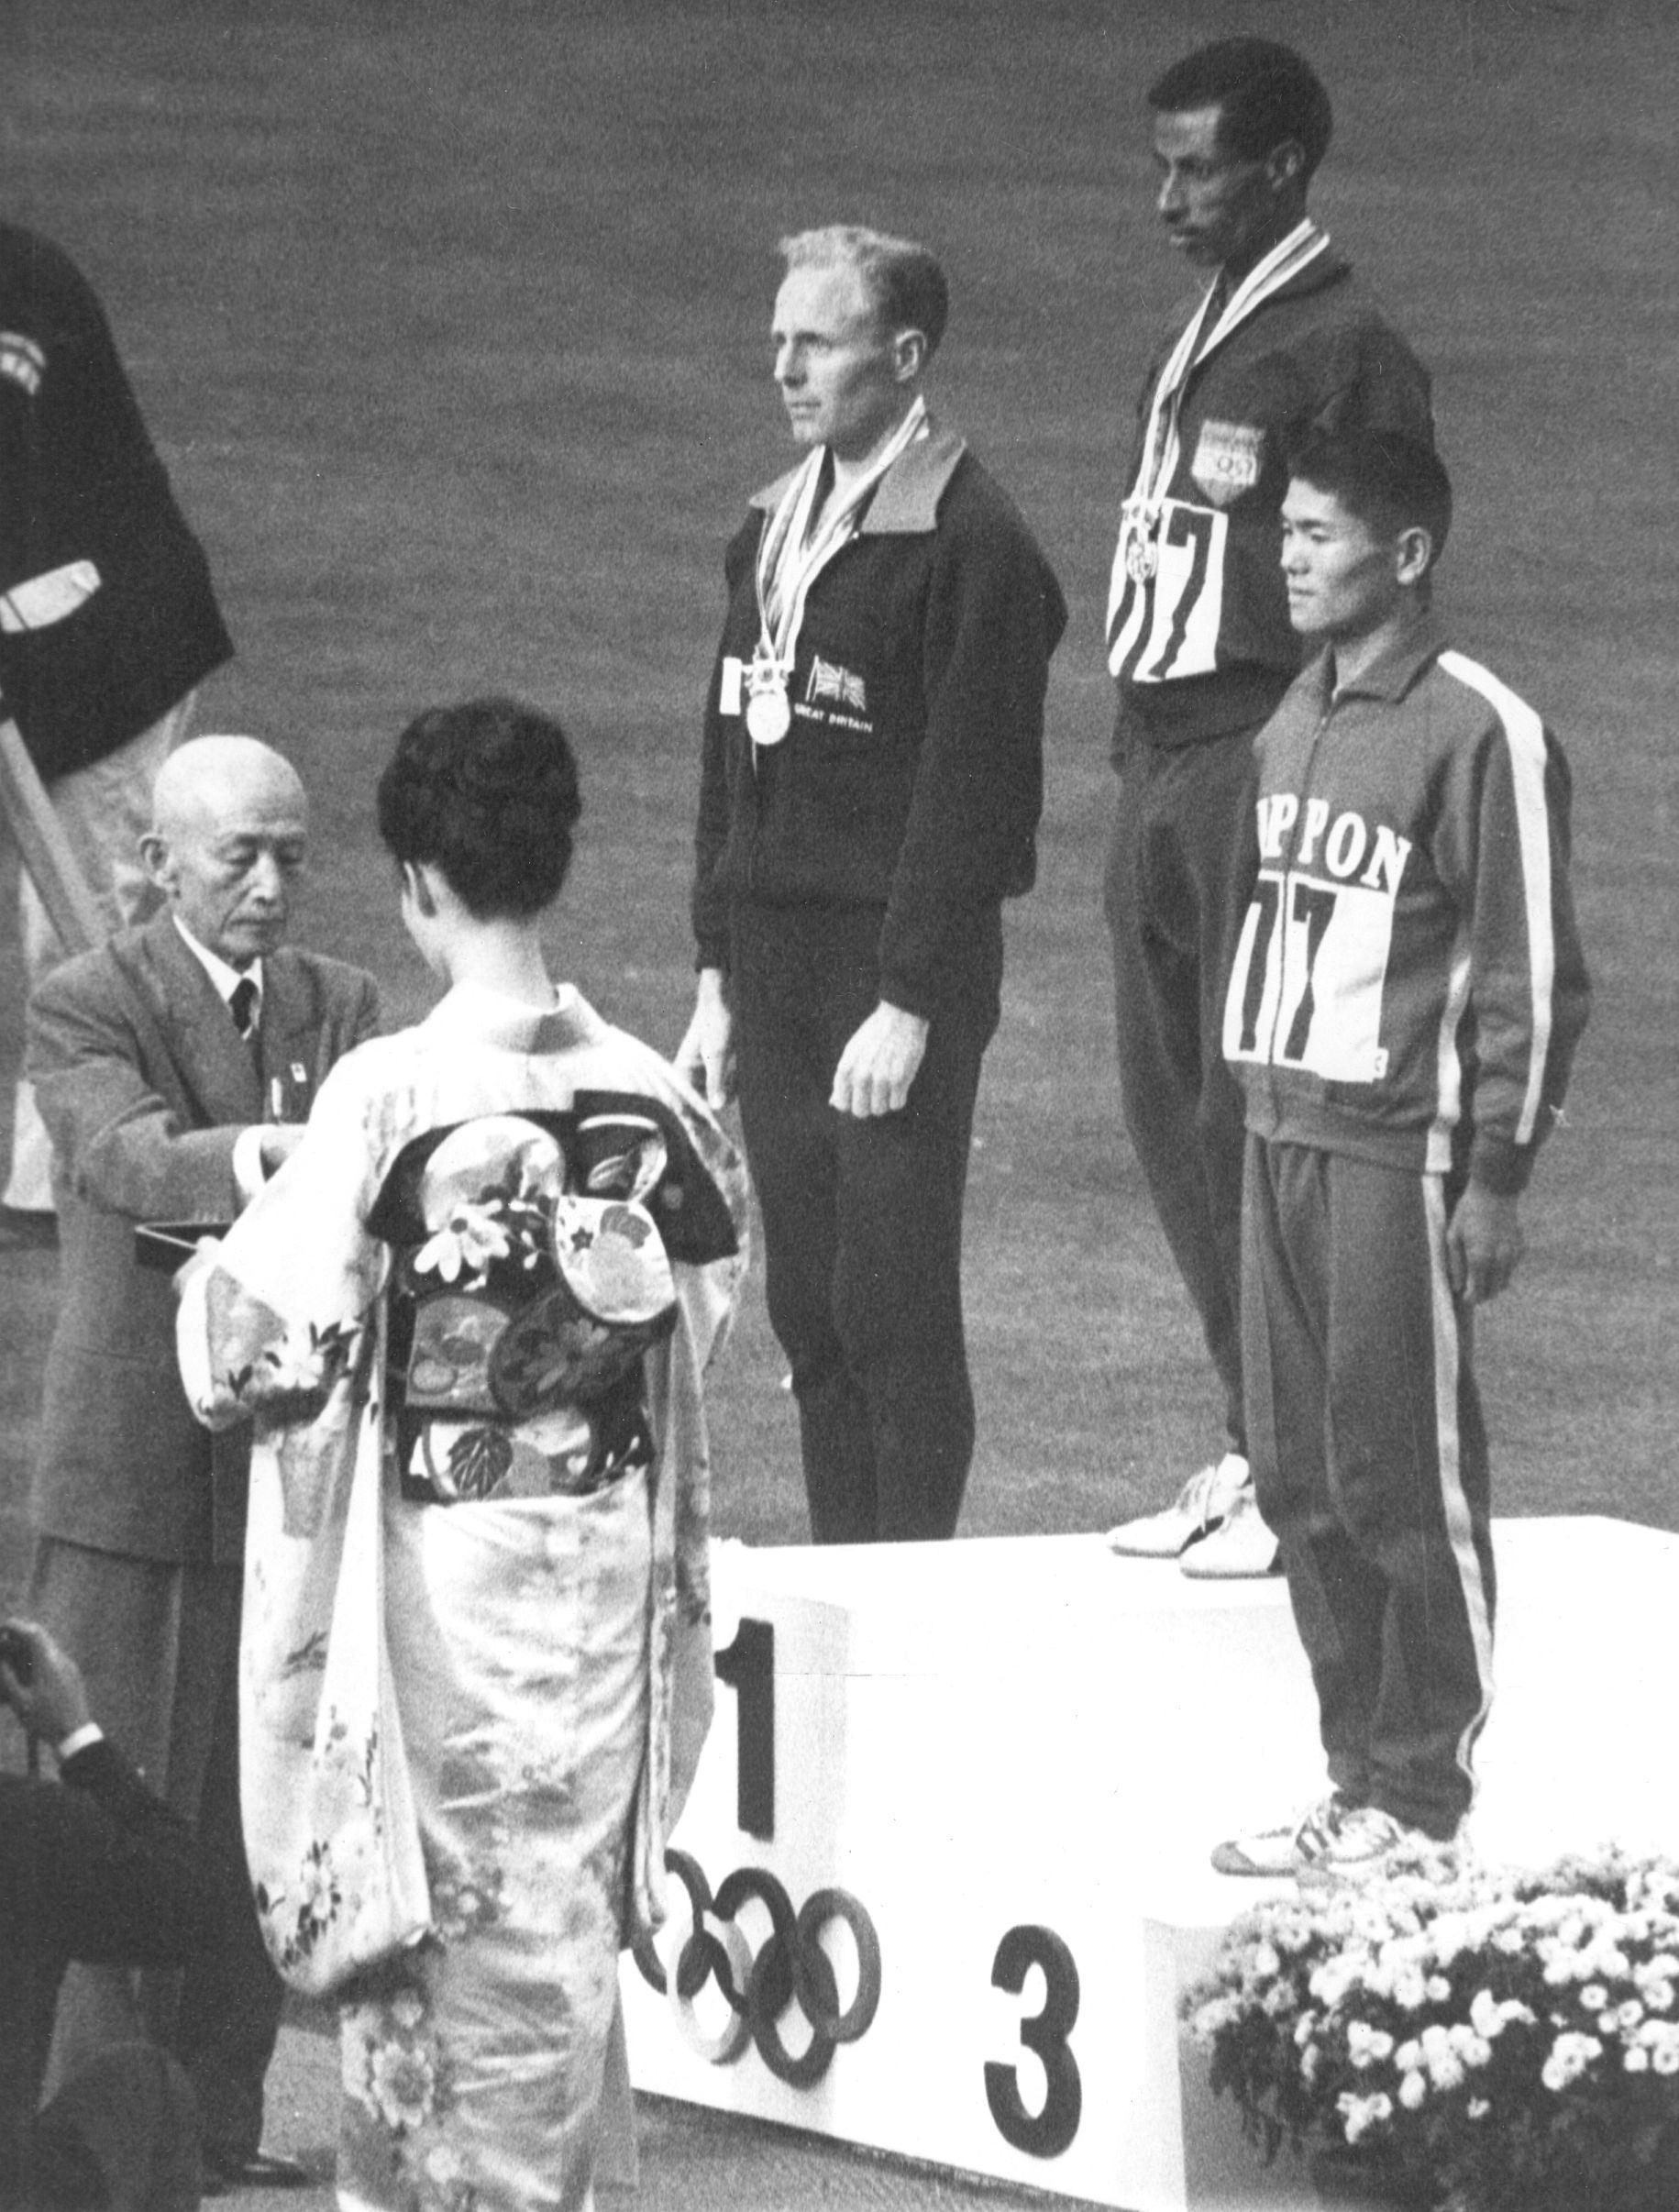 Kokichi, un bronce triste y la fatiga trágica que produce correr por el honor